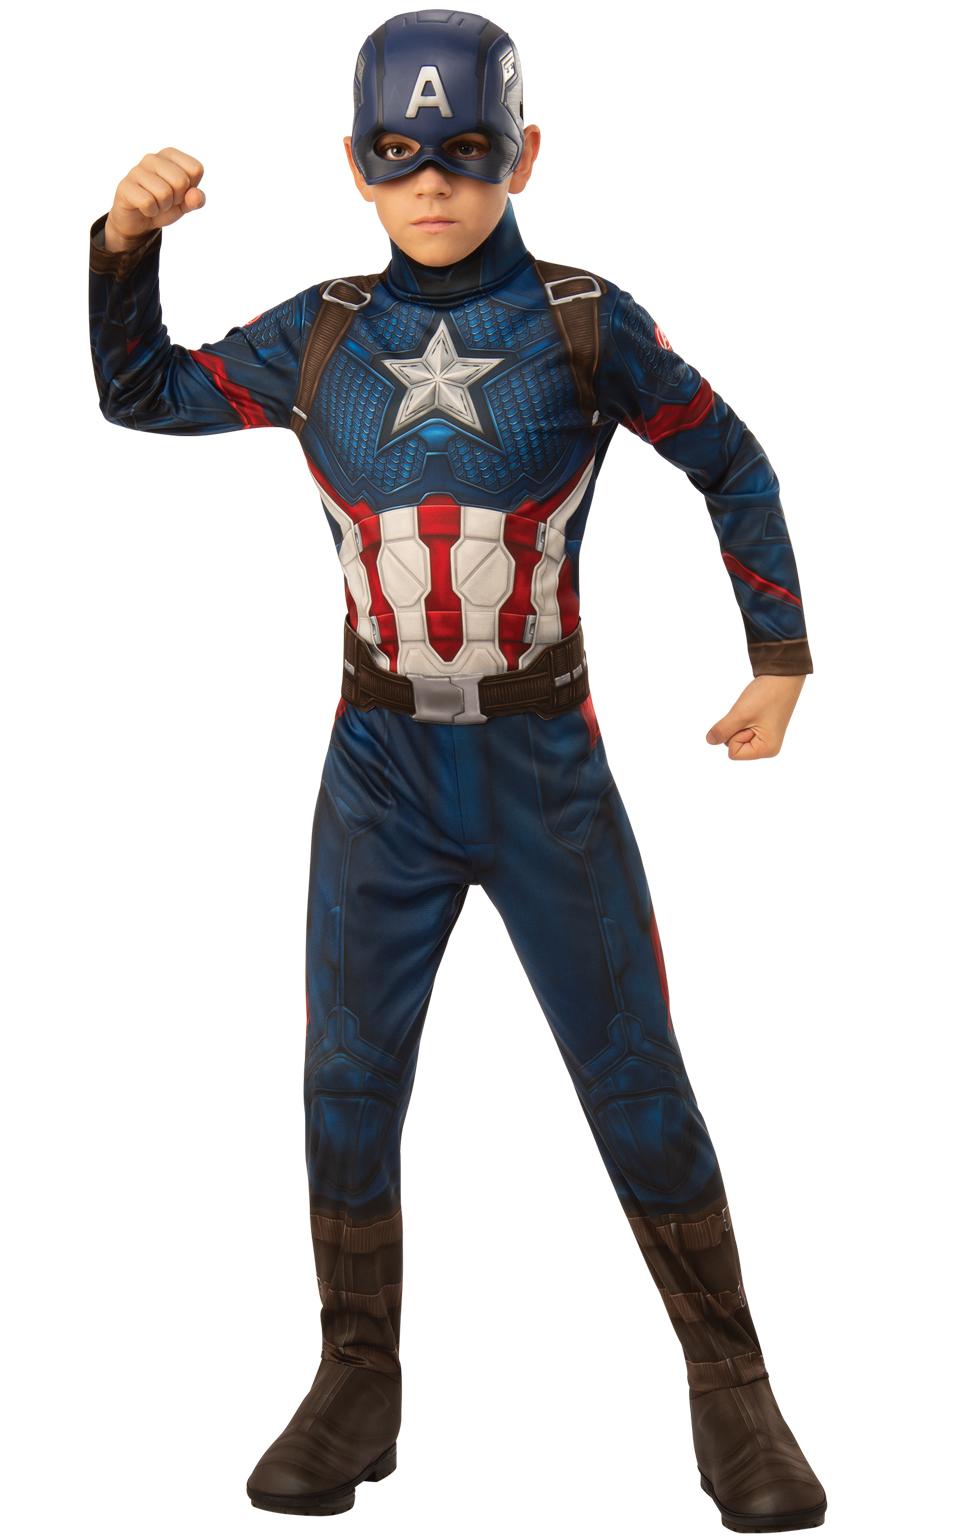 Avengers Endgame: Captain America - Classic kostým s maskou vel. S